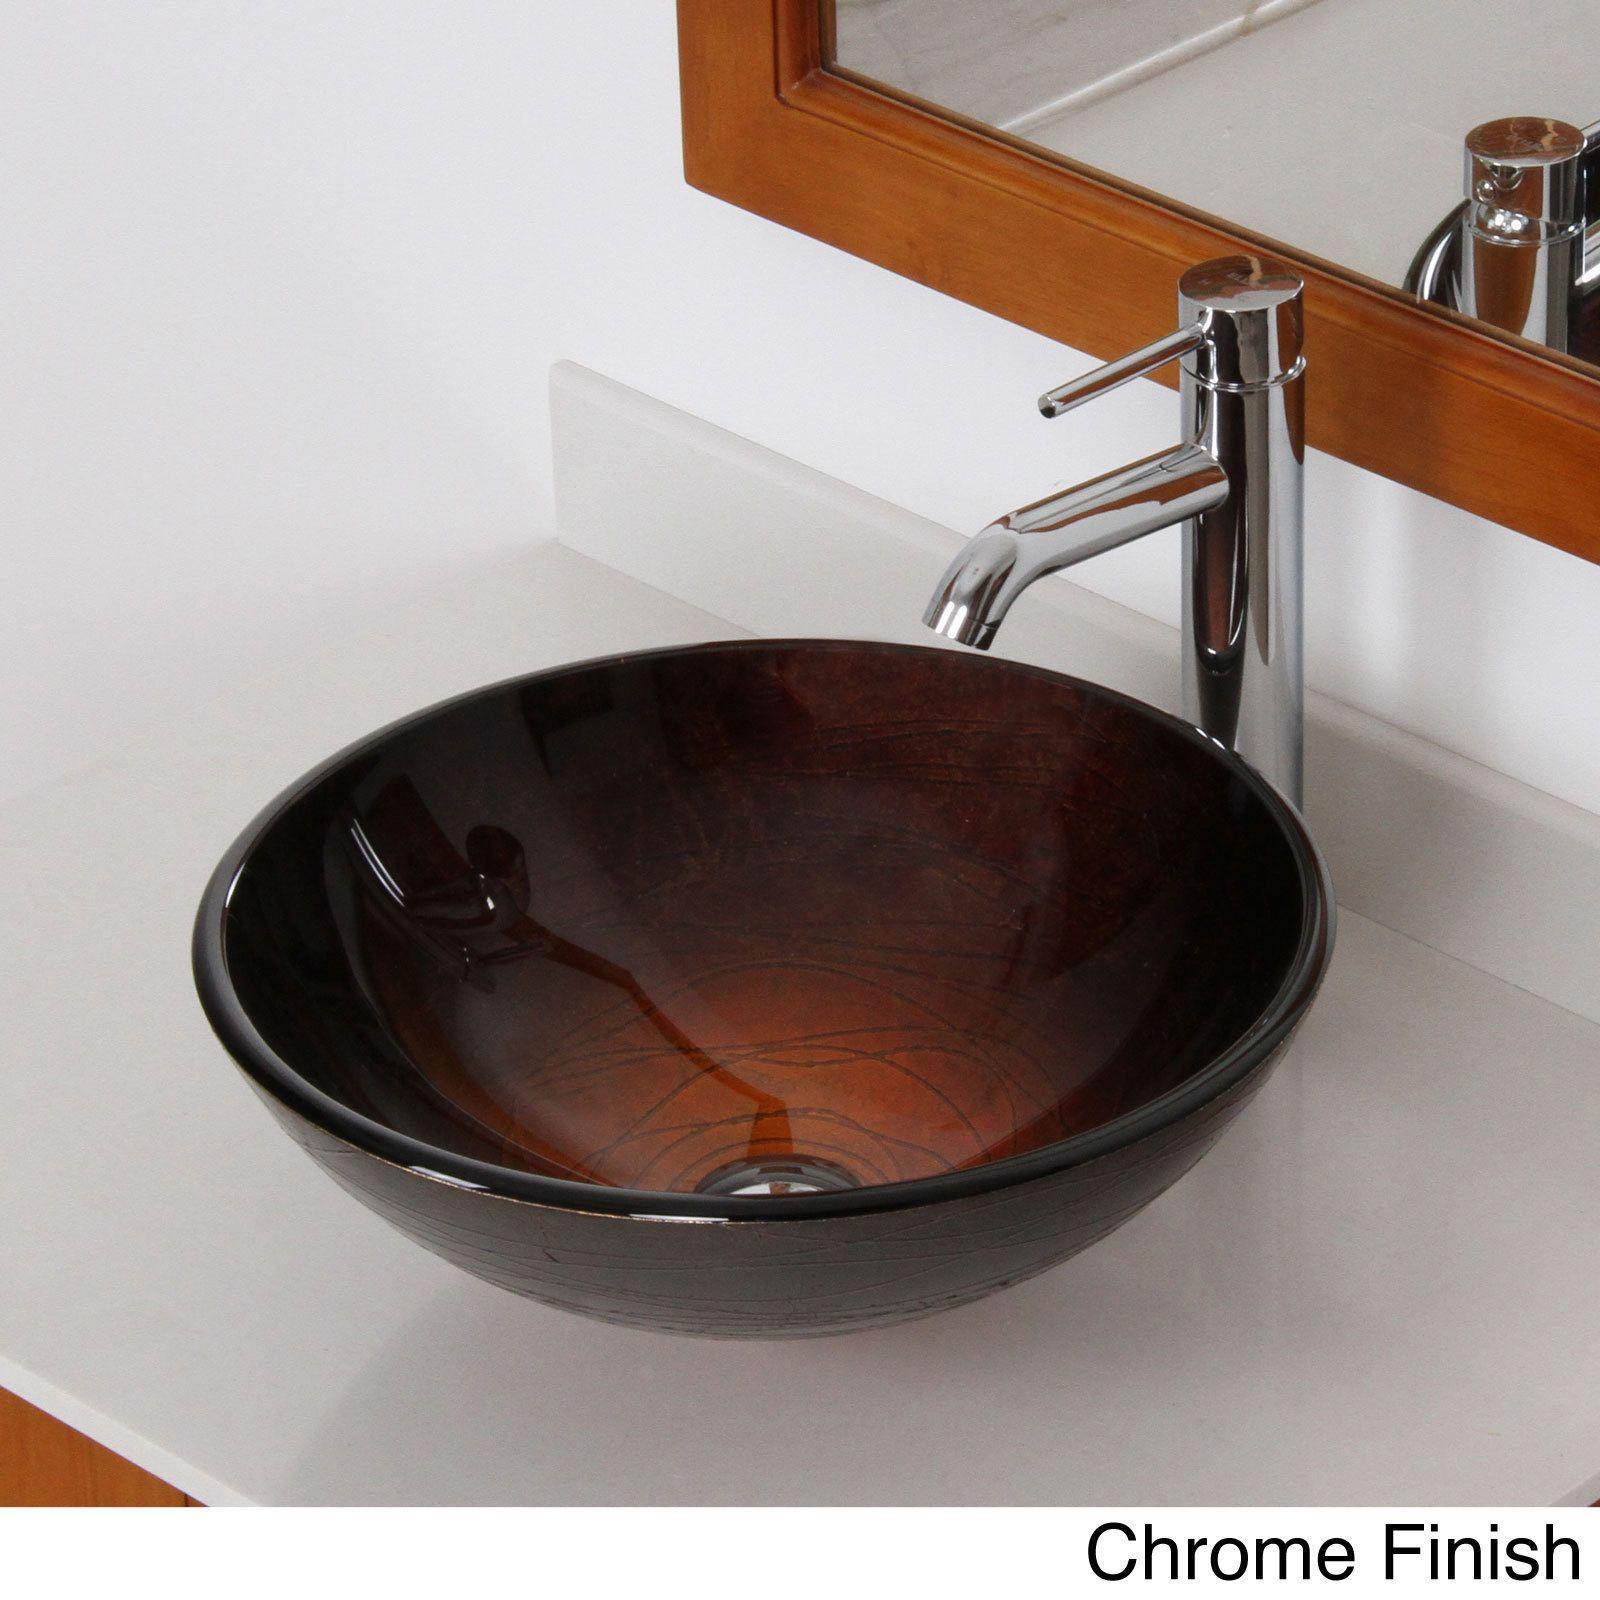 Elite Modern Design Tempered Glass Bathroom Vessel Sink With Faucet Combo Chrome Grey Finsh Faucet Sink Size 16 25 Vessel Sink Bathroom Glass Vessel Sinks Vessel Sink